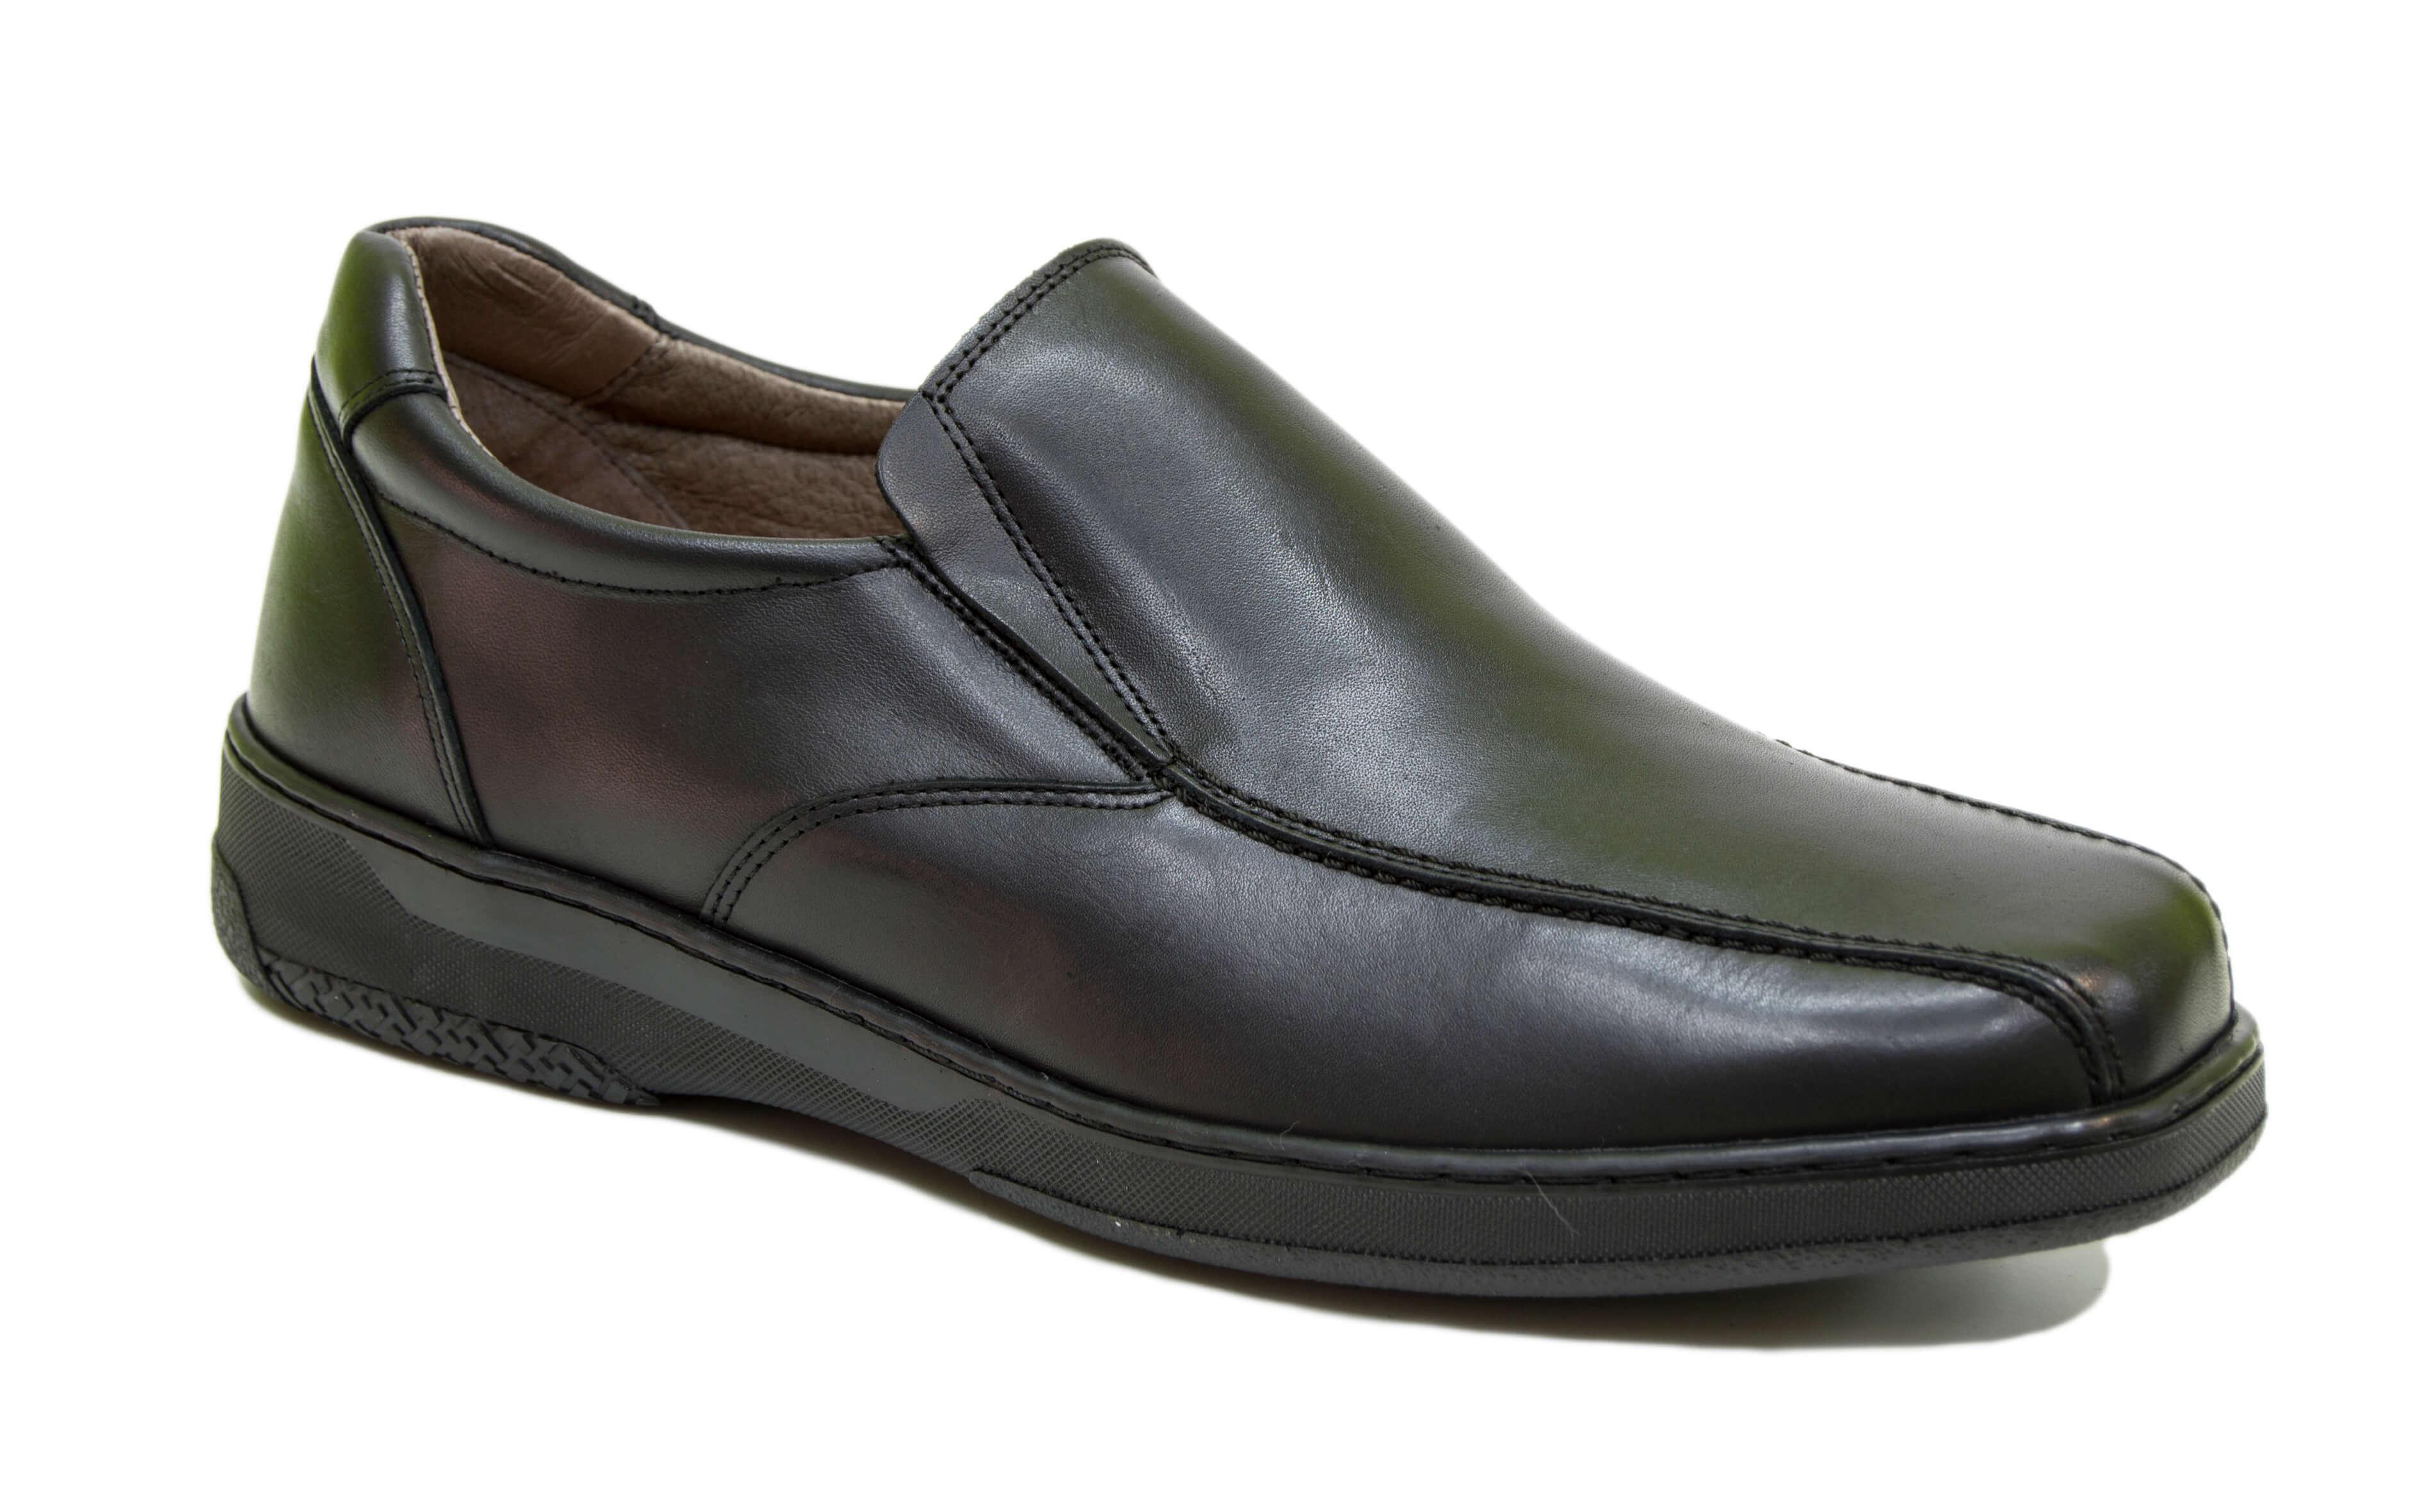 Zapato Hombre Primocx 6986